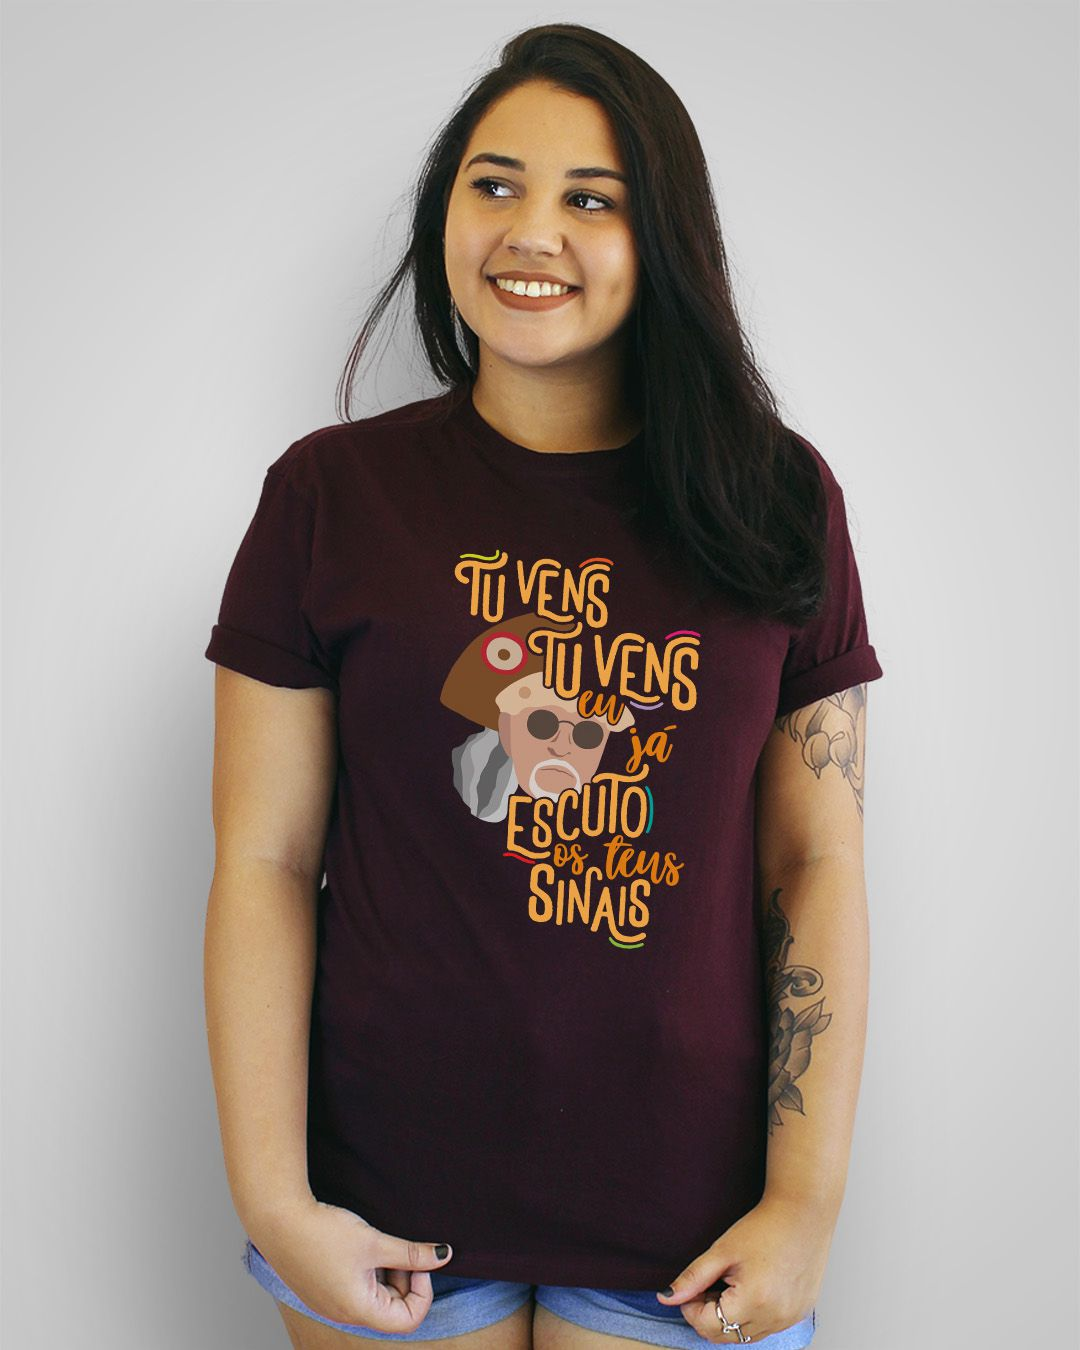 Camiseta Tu vens, tu vens, eu já escuto os teus sinais - Alceu Valença